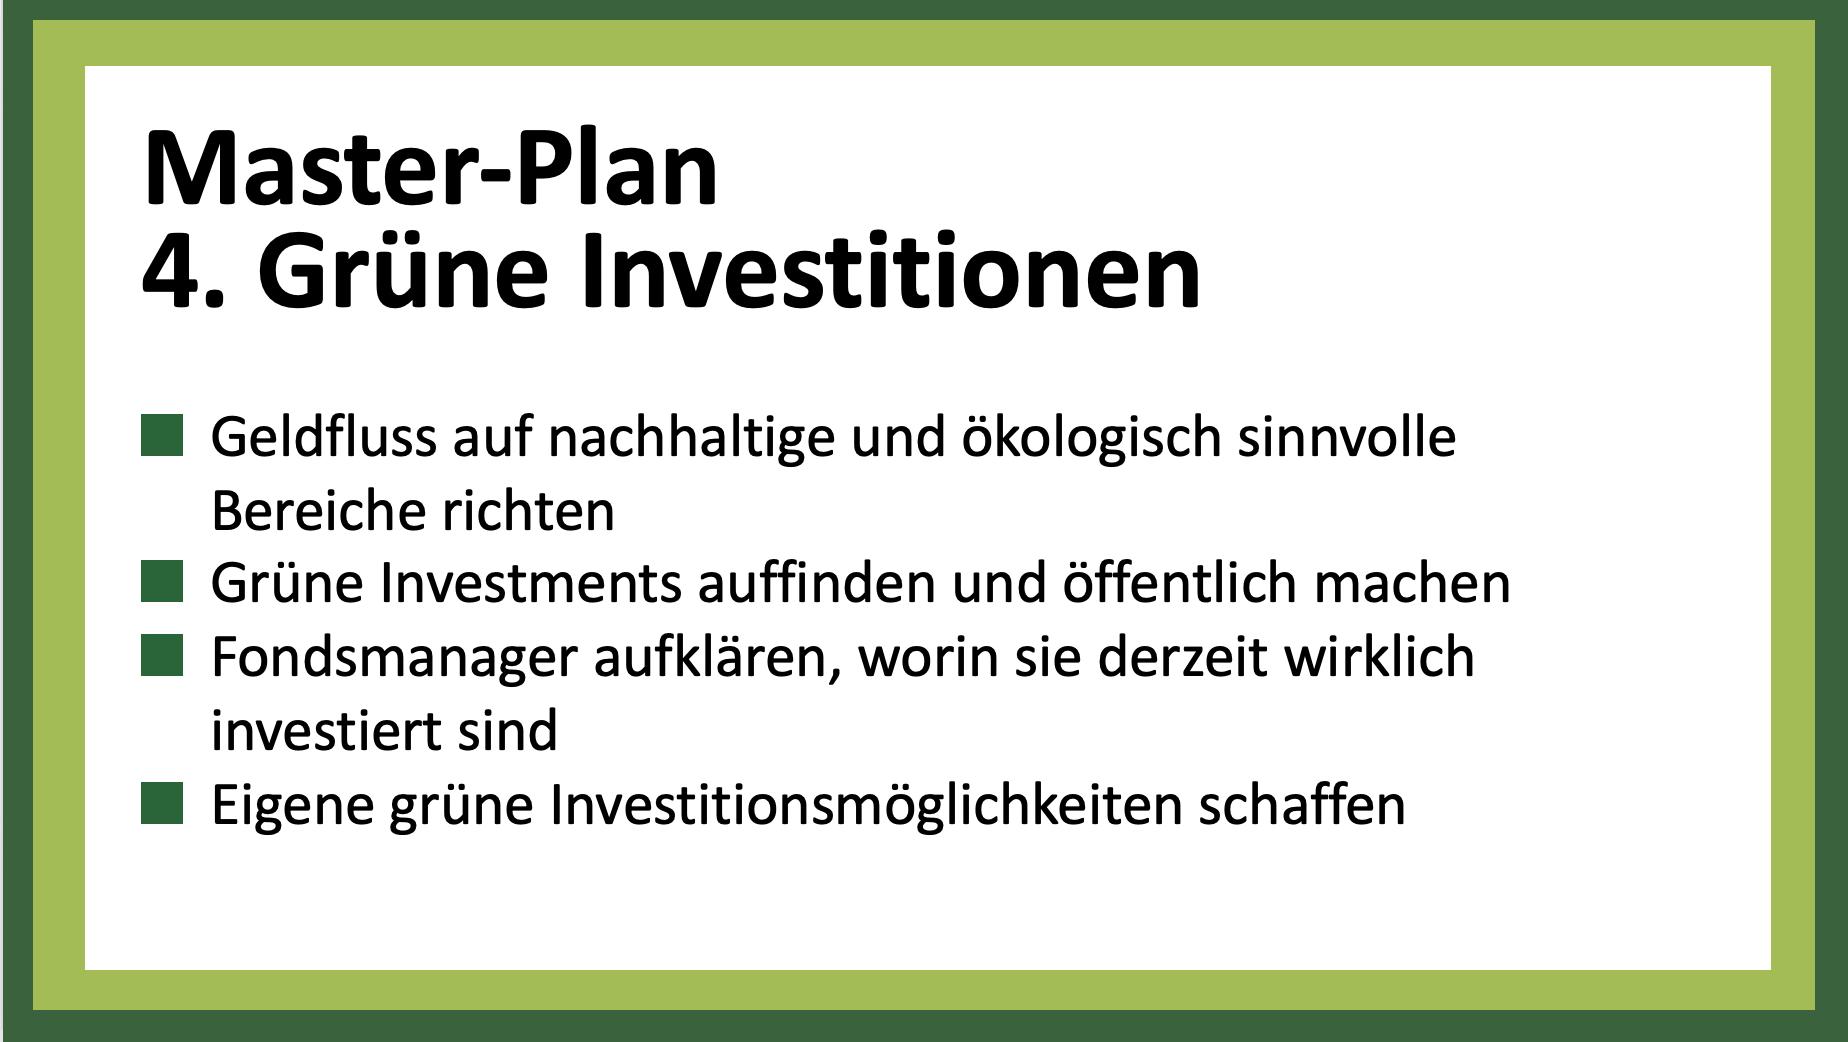 Master-Plan 4